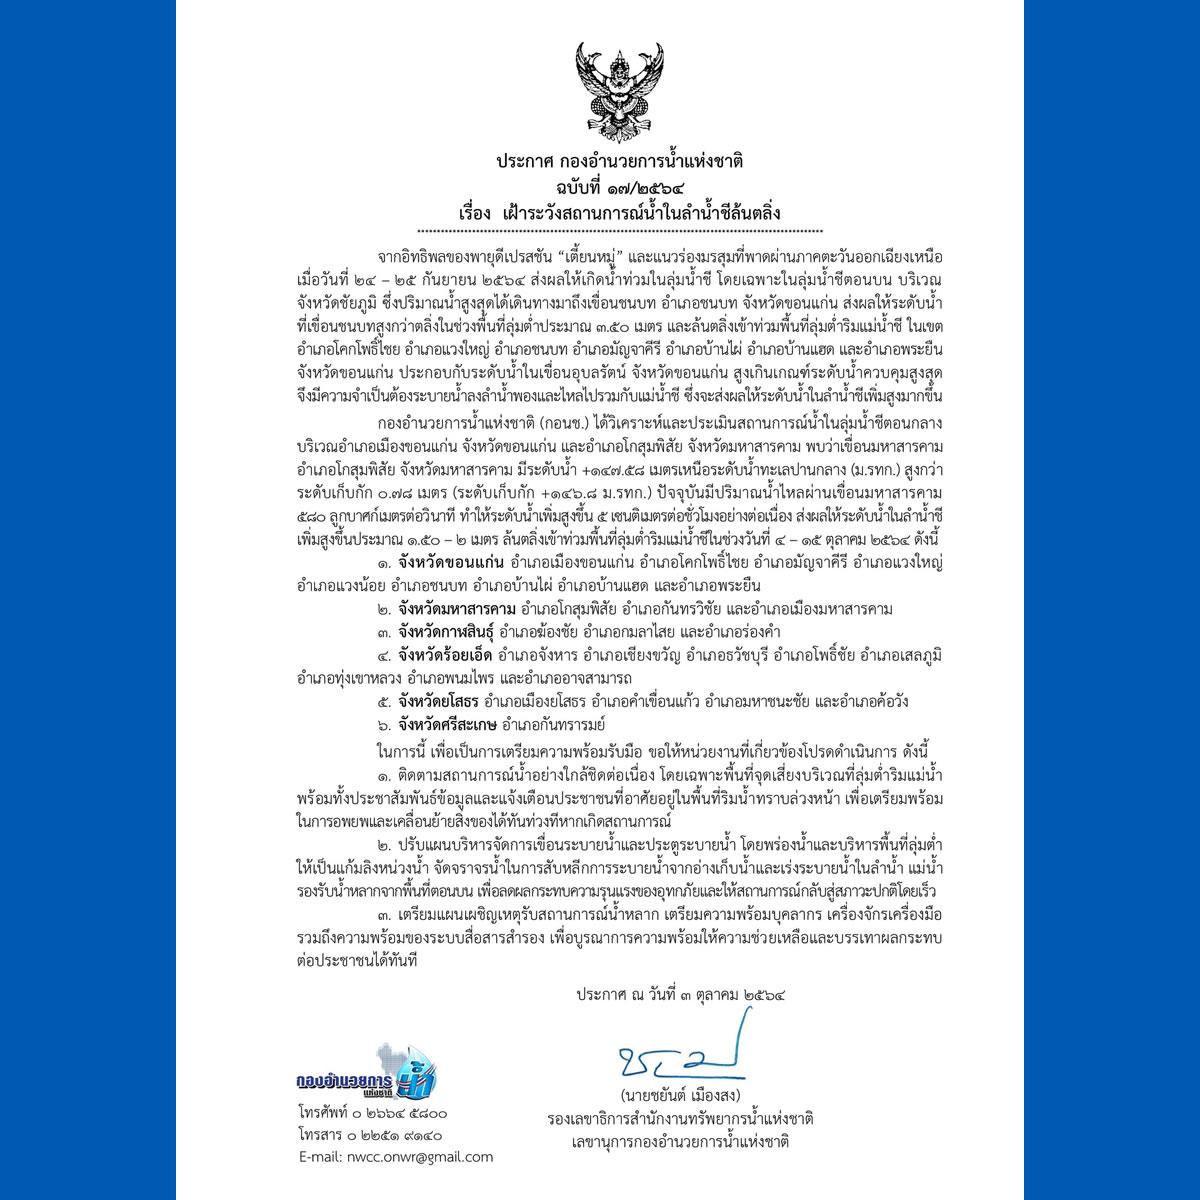 タイ水資源局、6県に洪水の警告